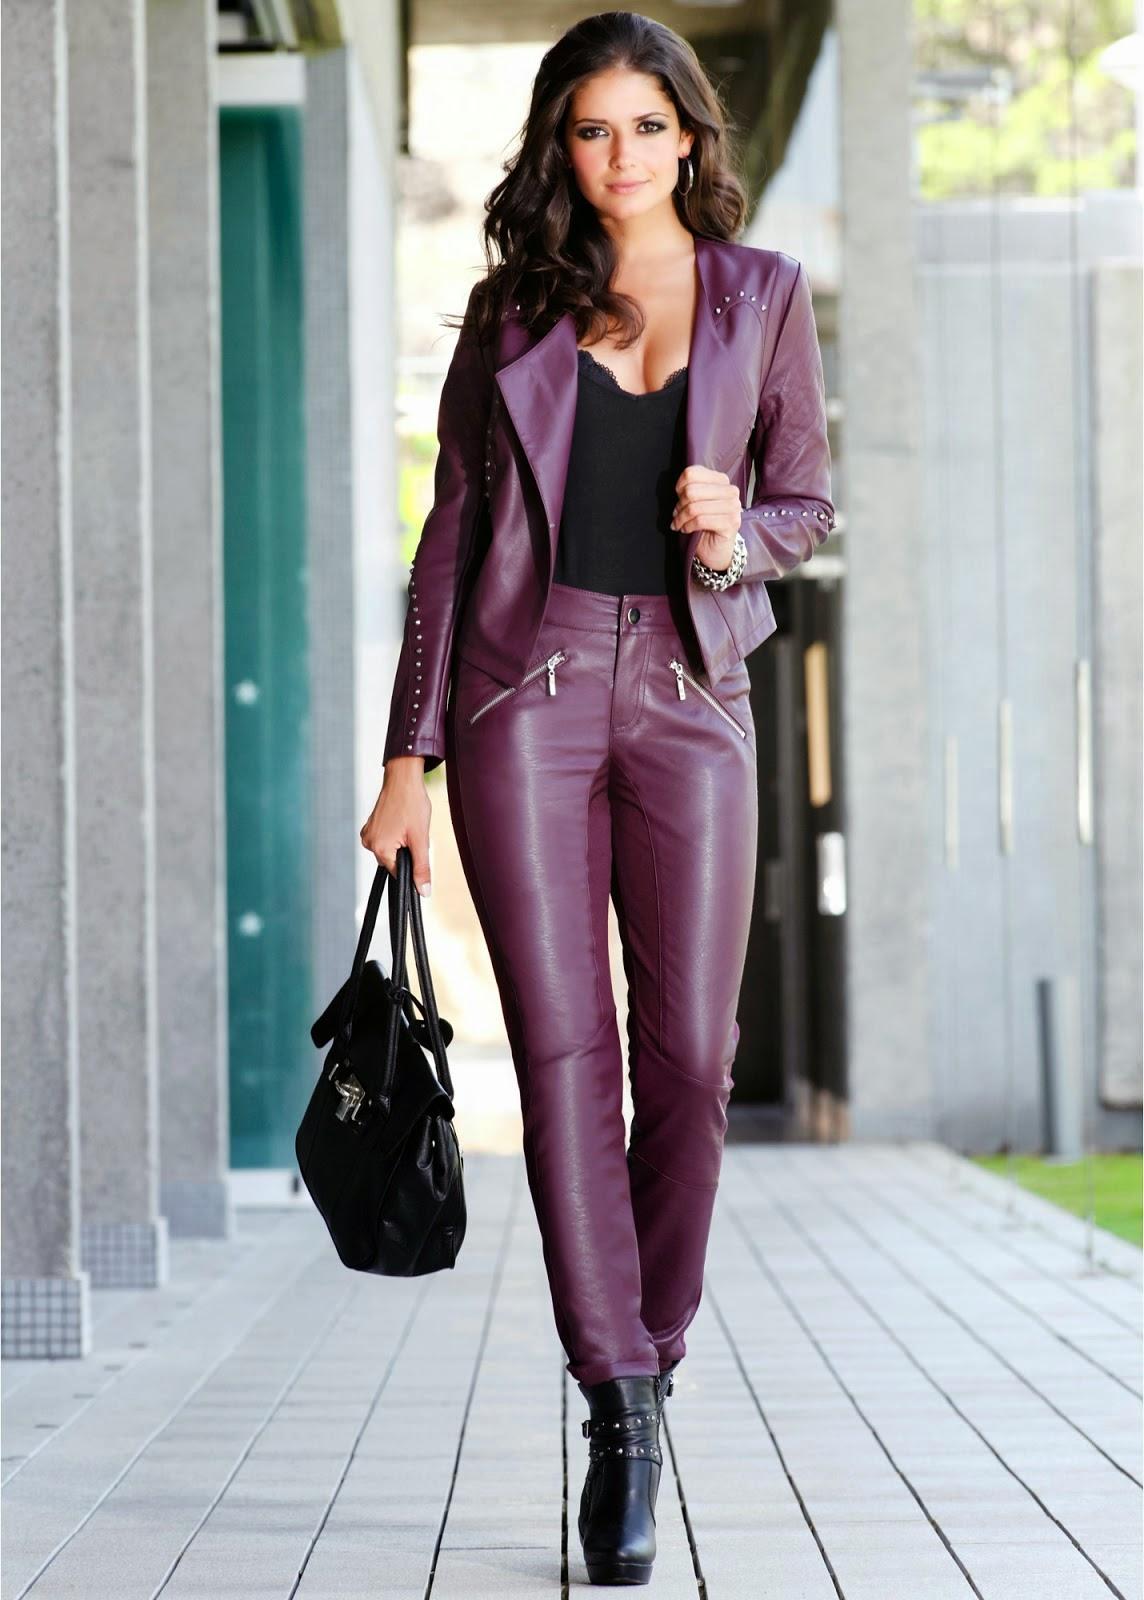 Brown latex leggings part 1 - 1 part 1